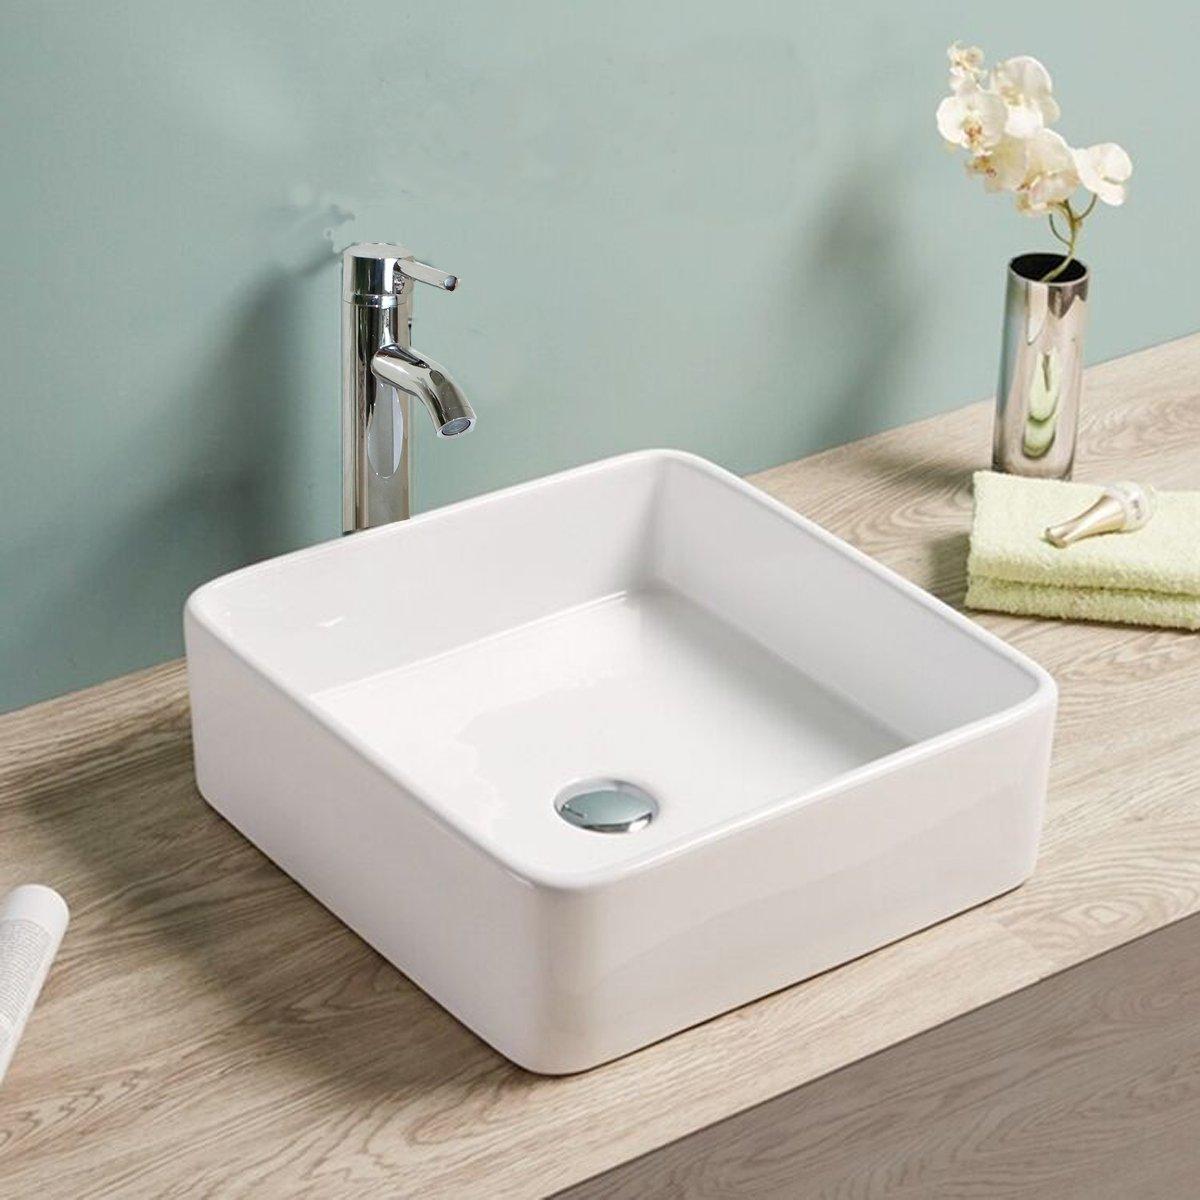 Walcut Bathroom 15.2''L x 15.2''W x 5.5''H White Square Lavatory Porcelain Ceramic Vessel Vanity Sink Art Basin & 12'' Chrome Faucet by WALCUT